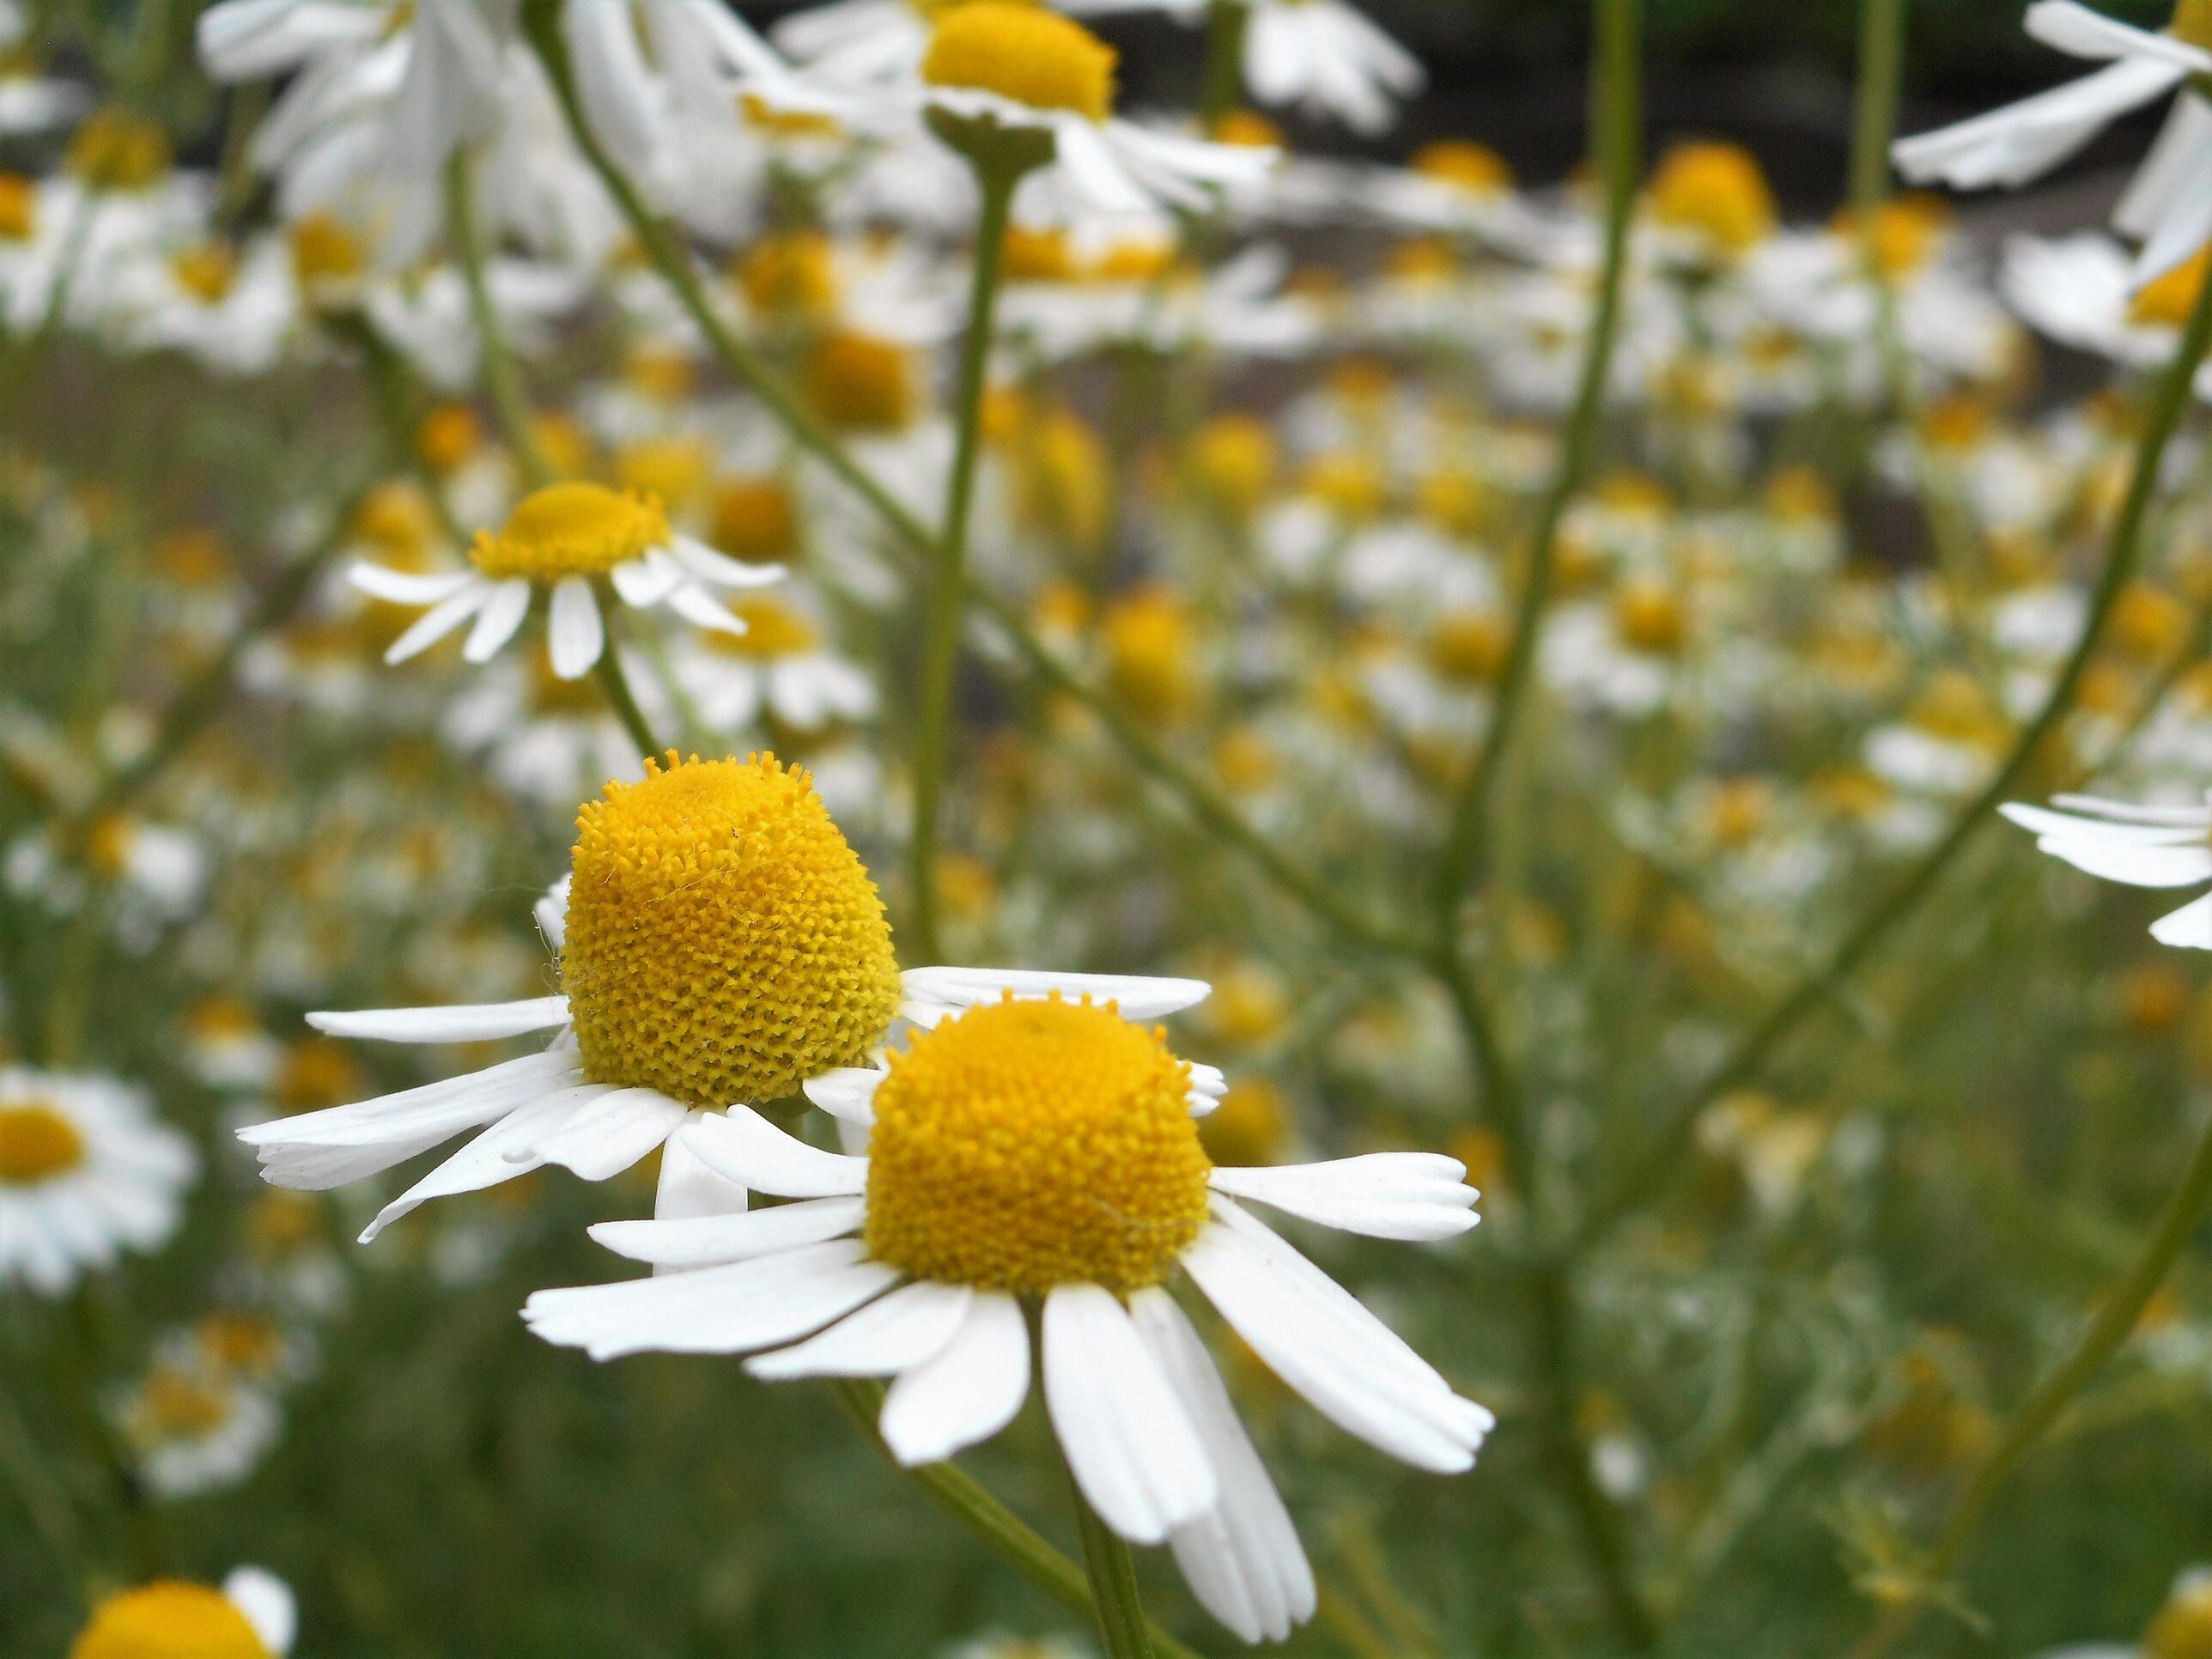 Hình ảnh hoa cúc dại nhị vàng